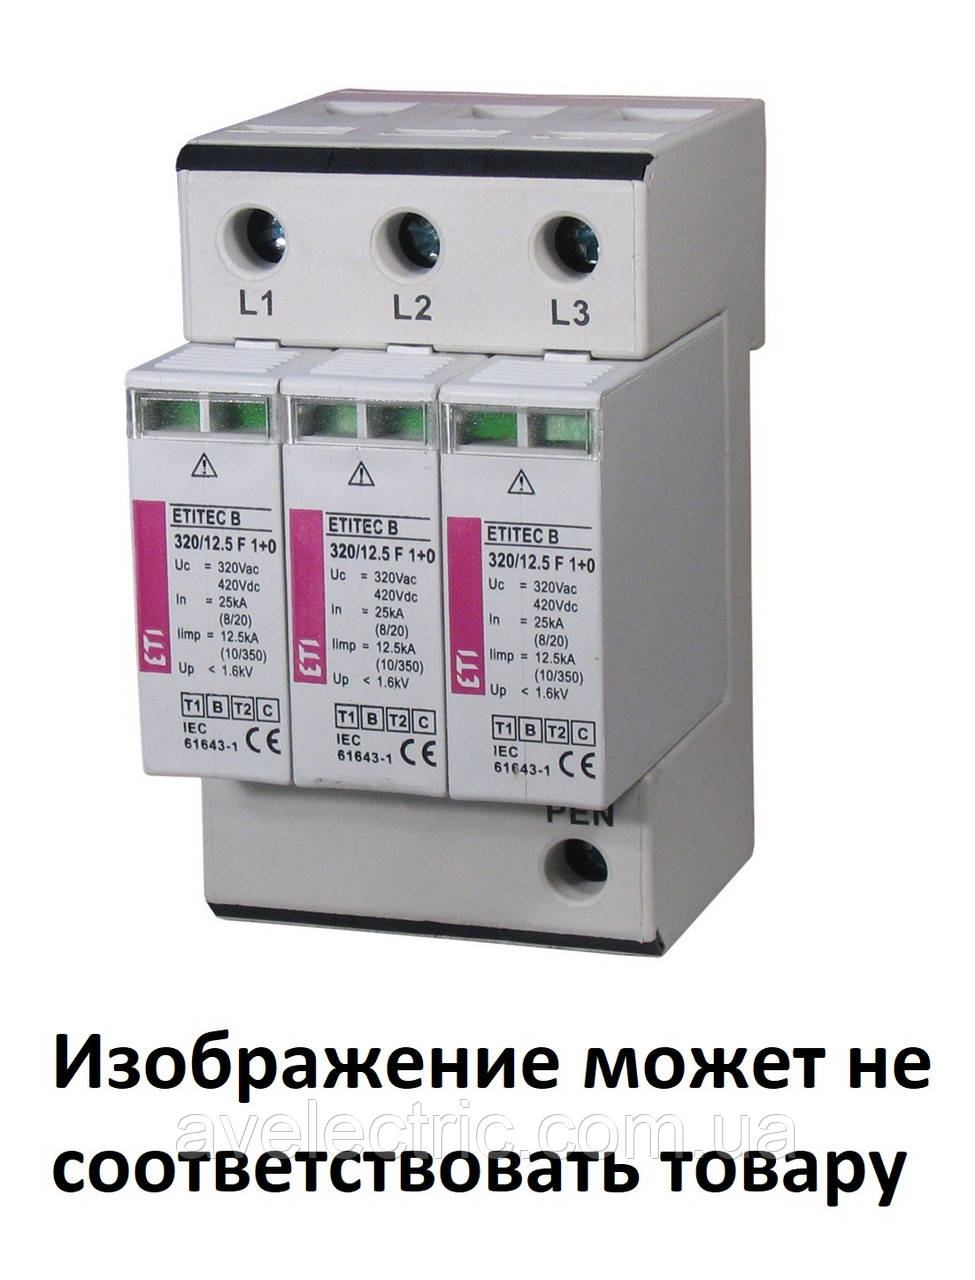 Ограничитель перенапряжения ETITEC S B 275/25 (4+0, 8p, TNC-S) RC